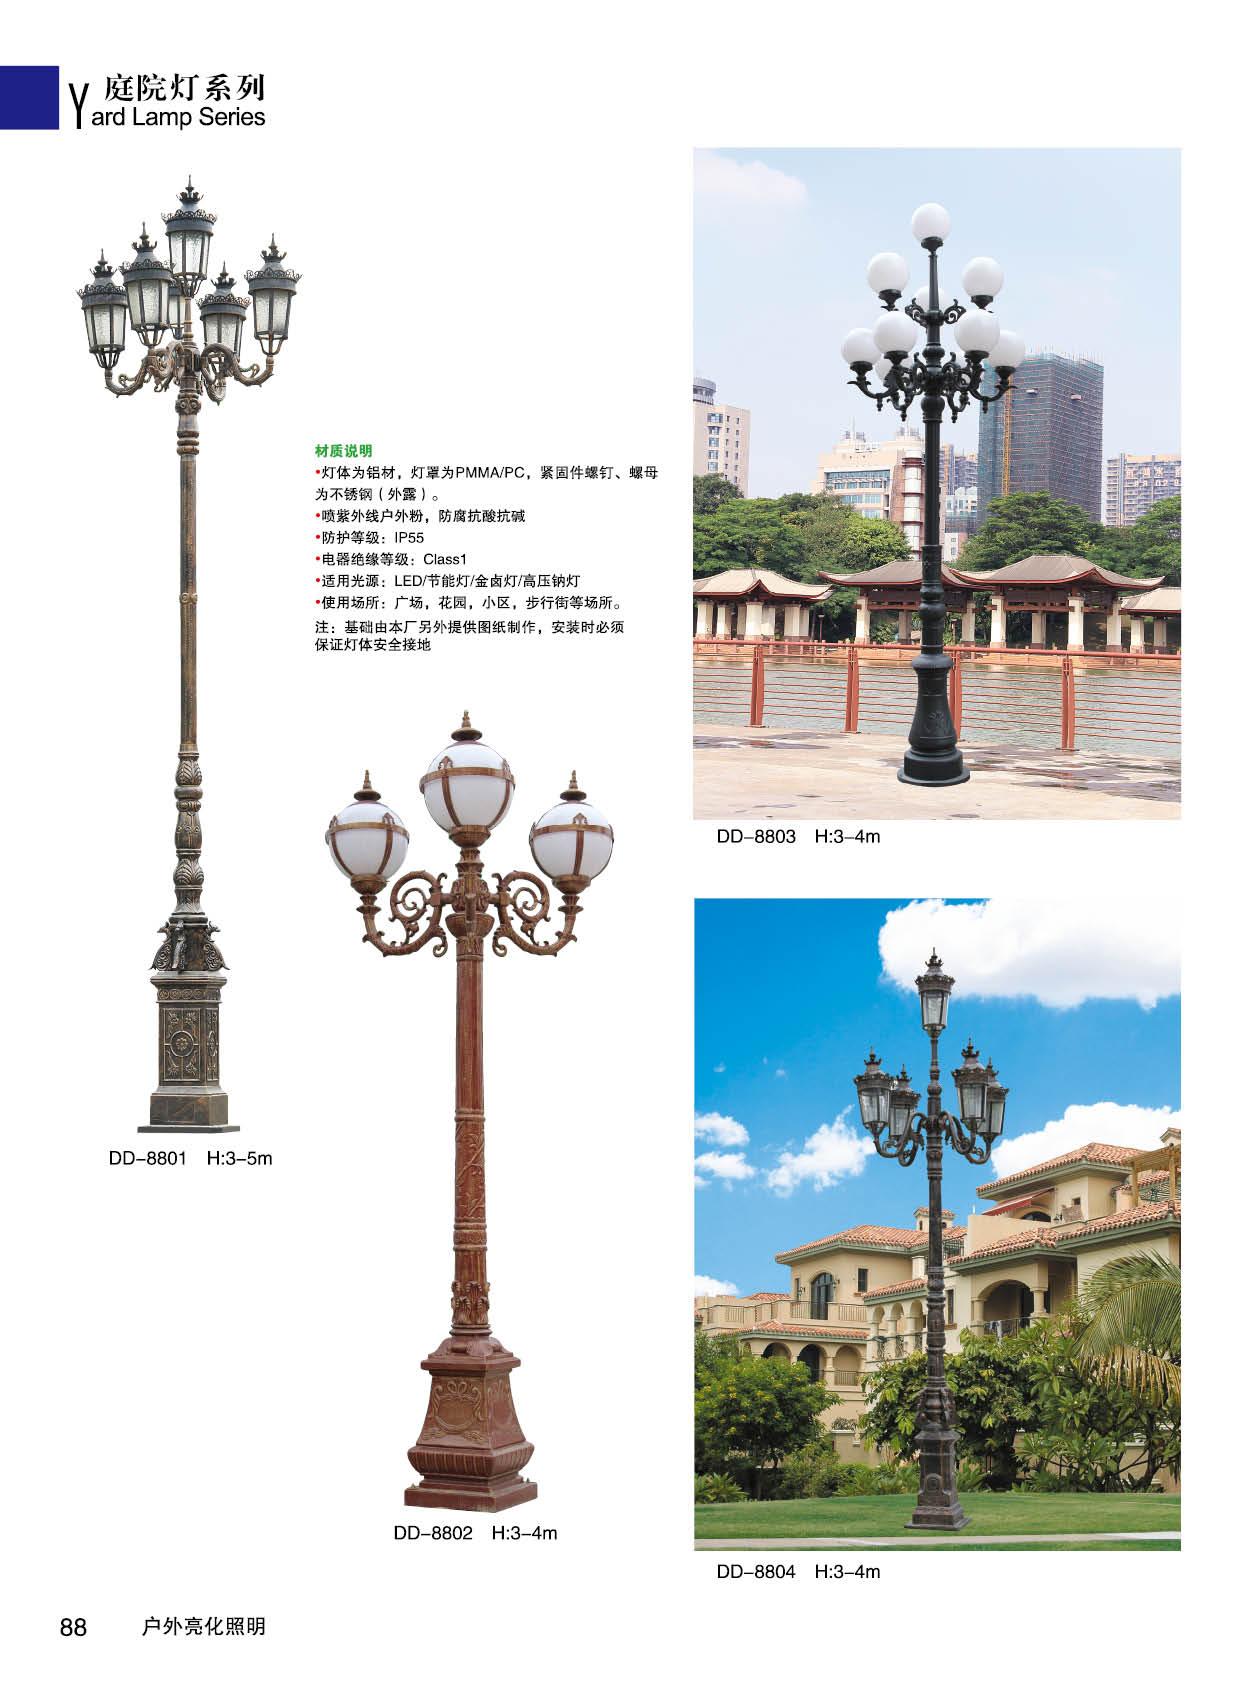 庭院燈加工Gwd--tyd400098411465